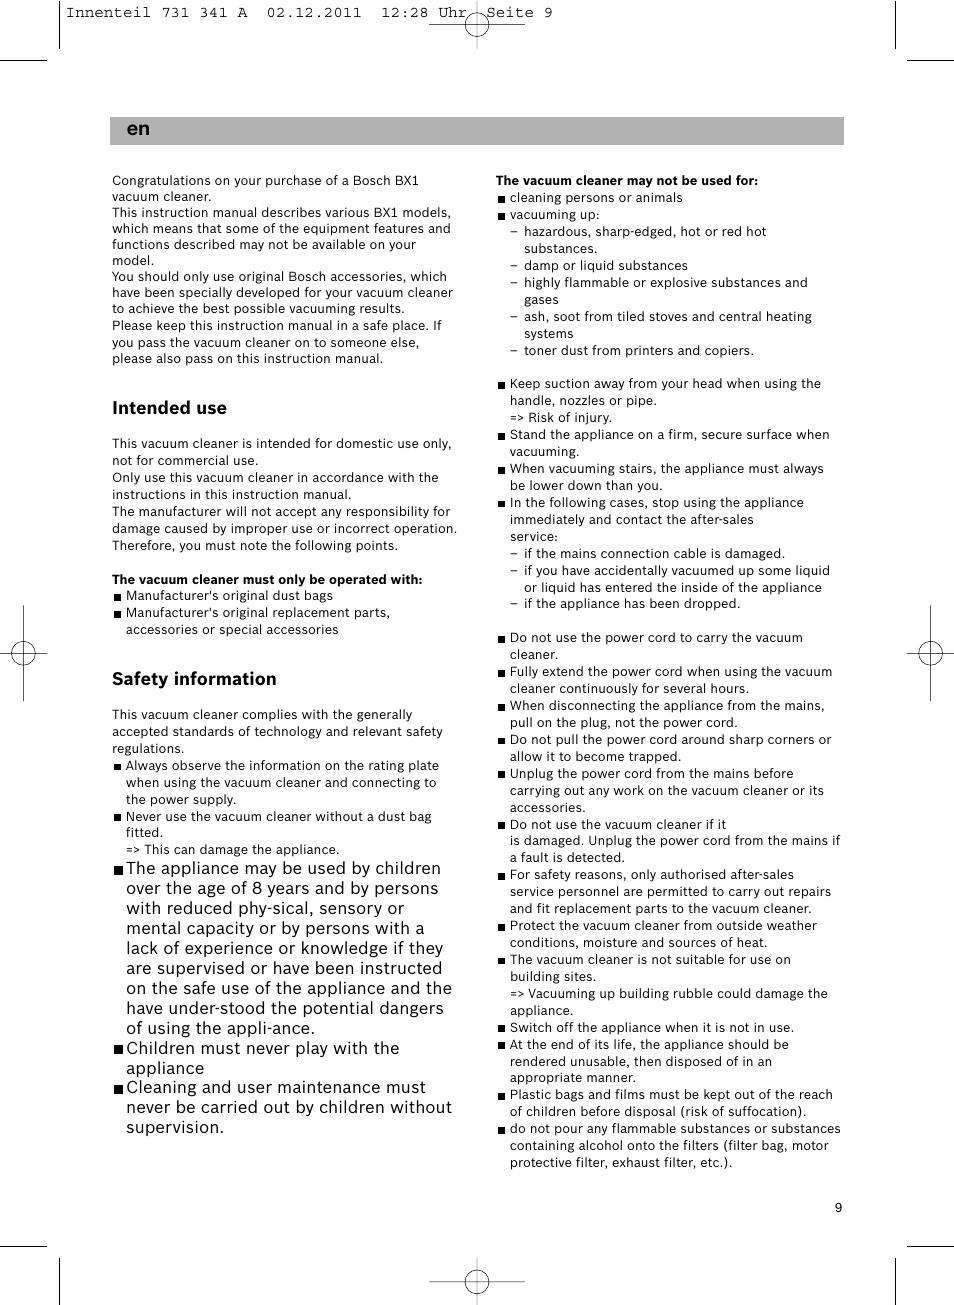 Магнесиум 500 мг инструкция натурес лифе